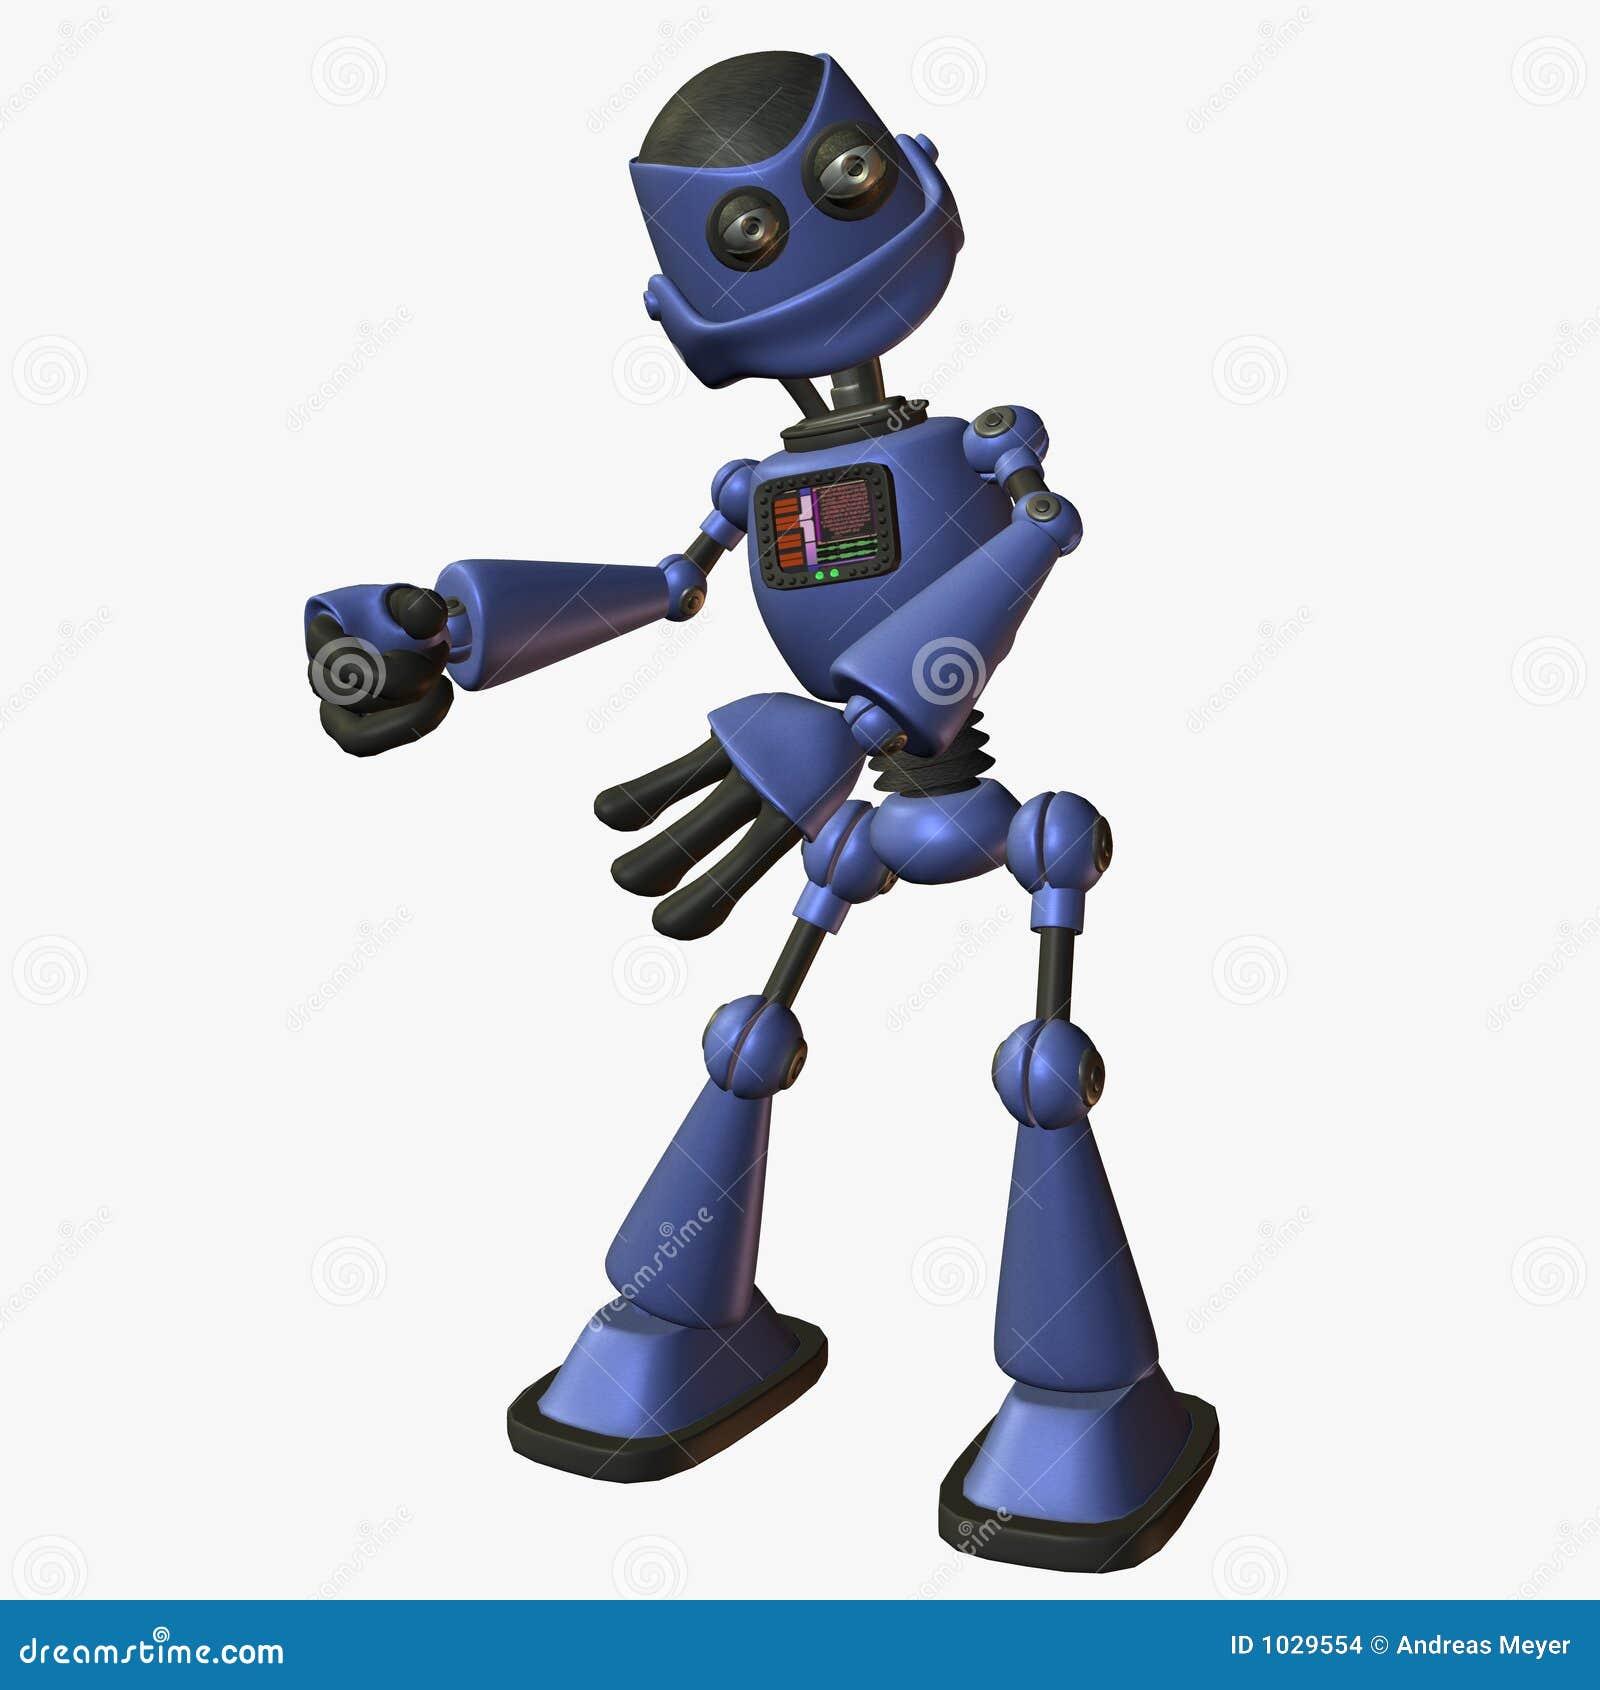 Roboto toonbot